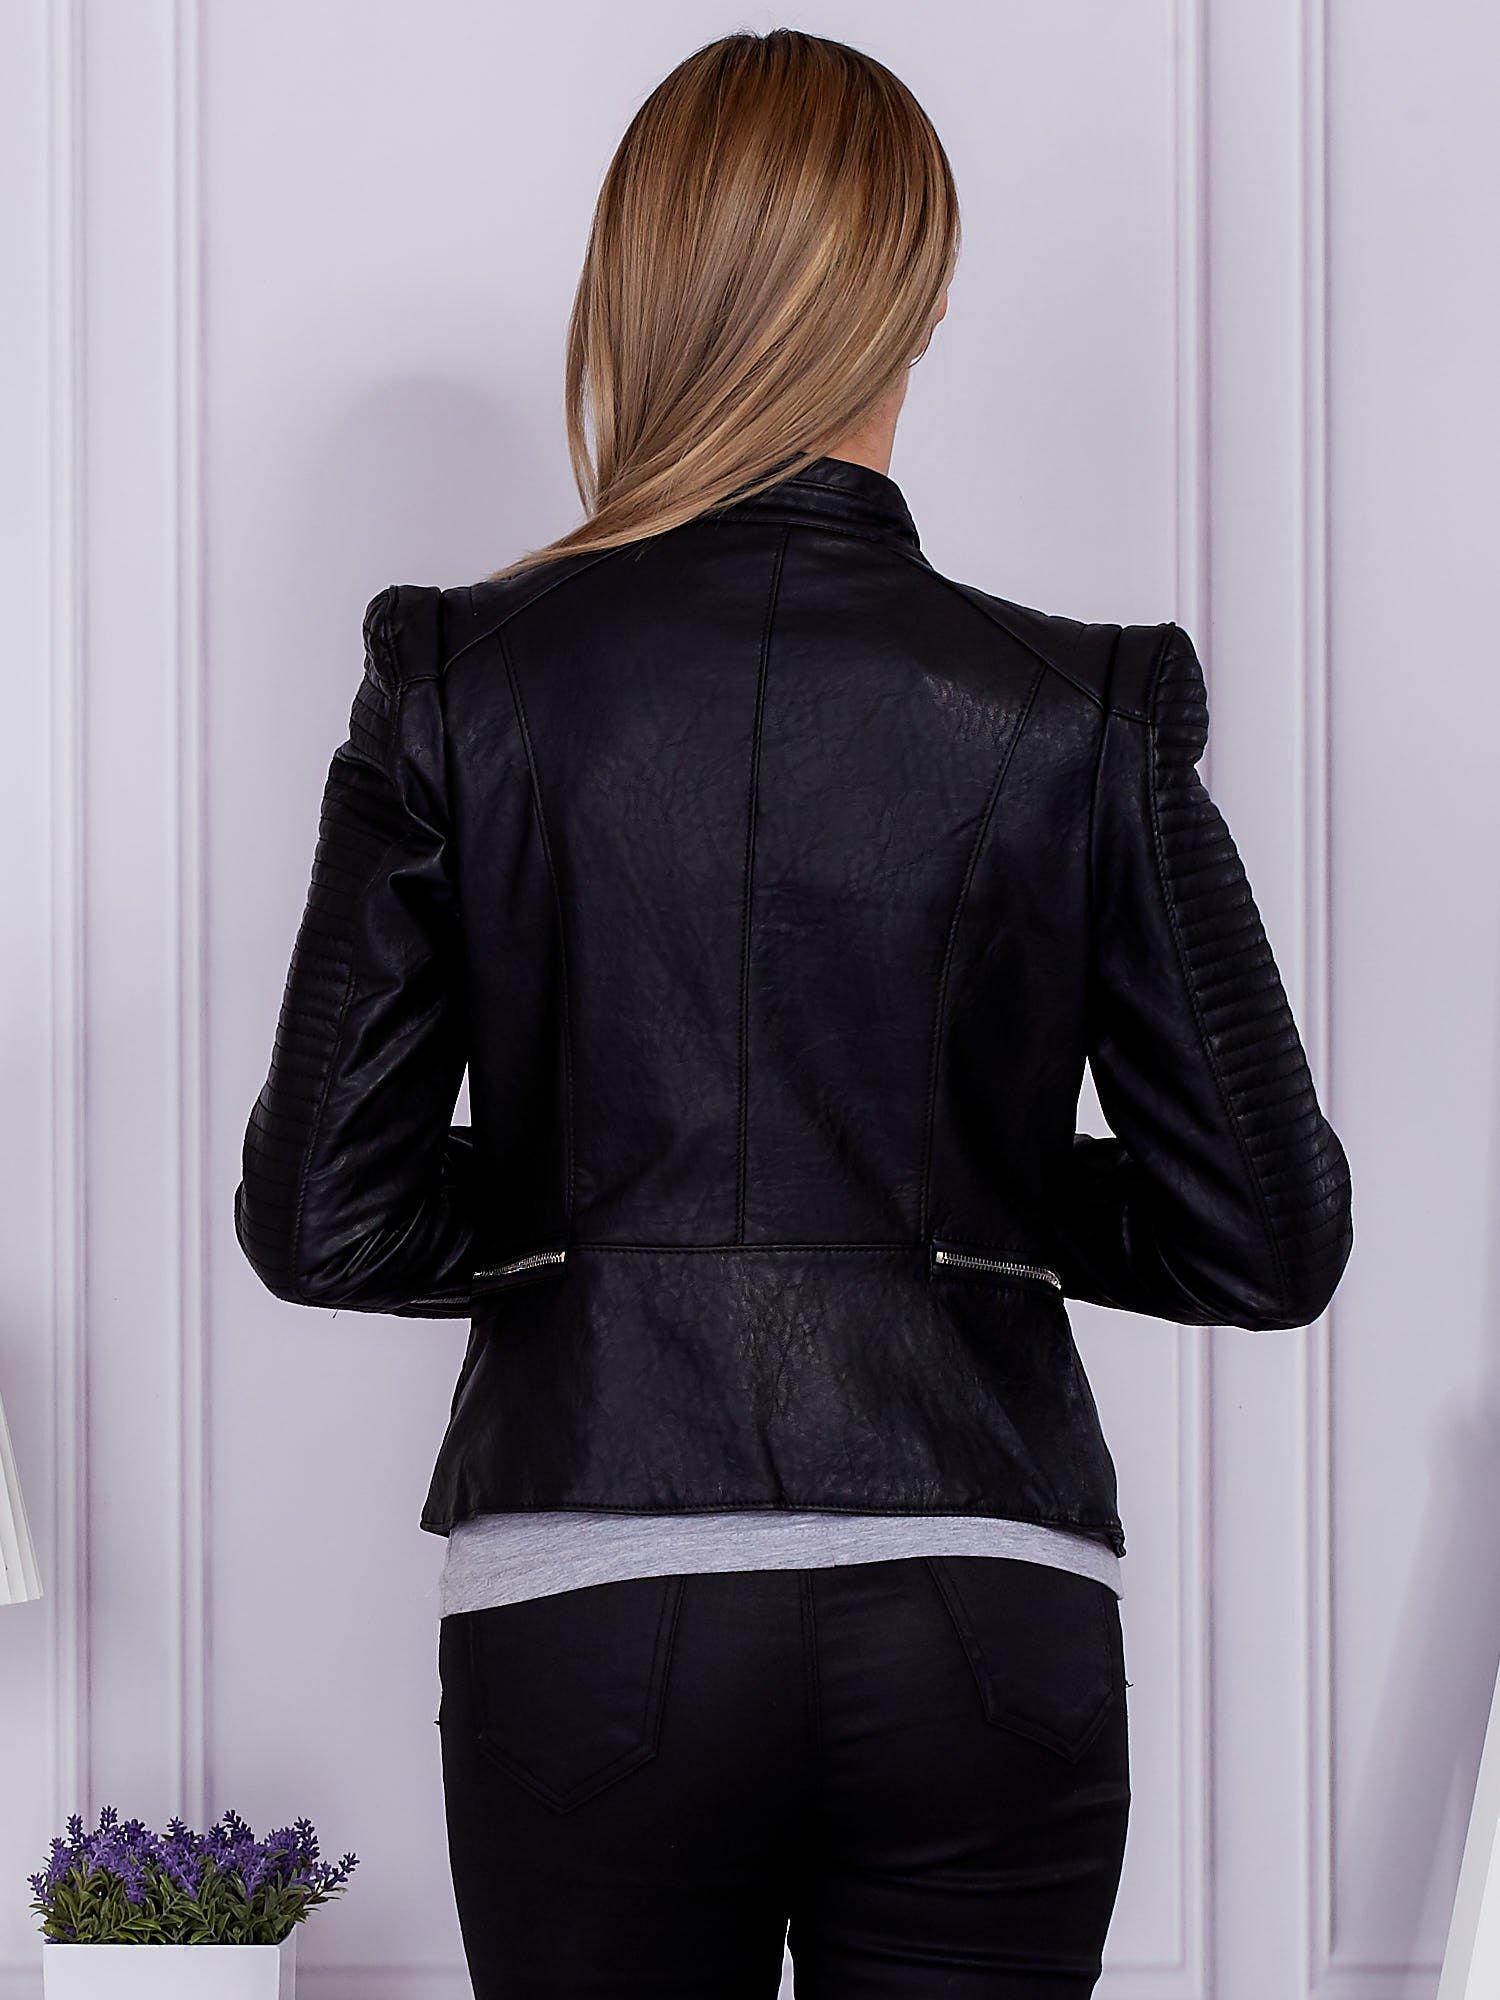 7f44e75e54bb0 Czarna kurtka ramoneska ze skóry ekologicznej w motocyklowym stylu - Kurtka  przejściowa - sklep eButik.pl